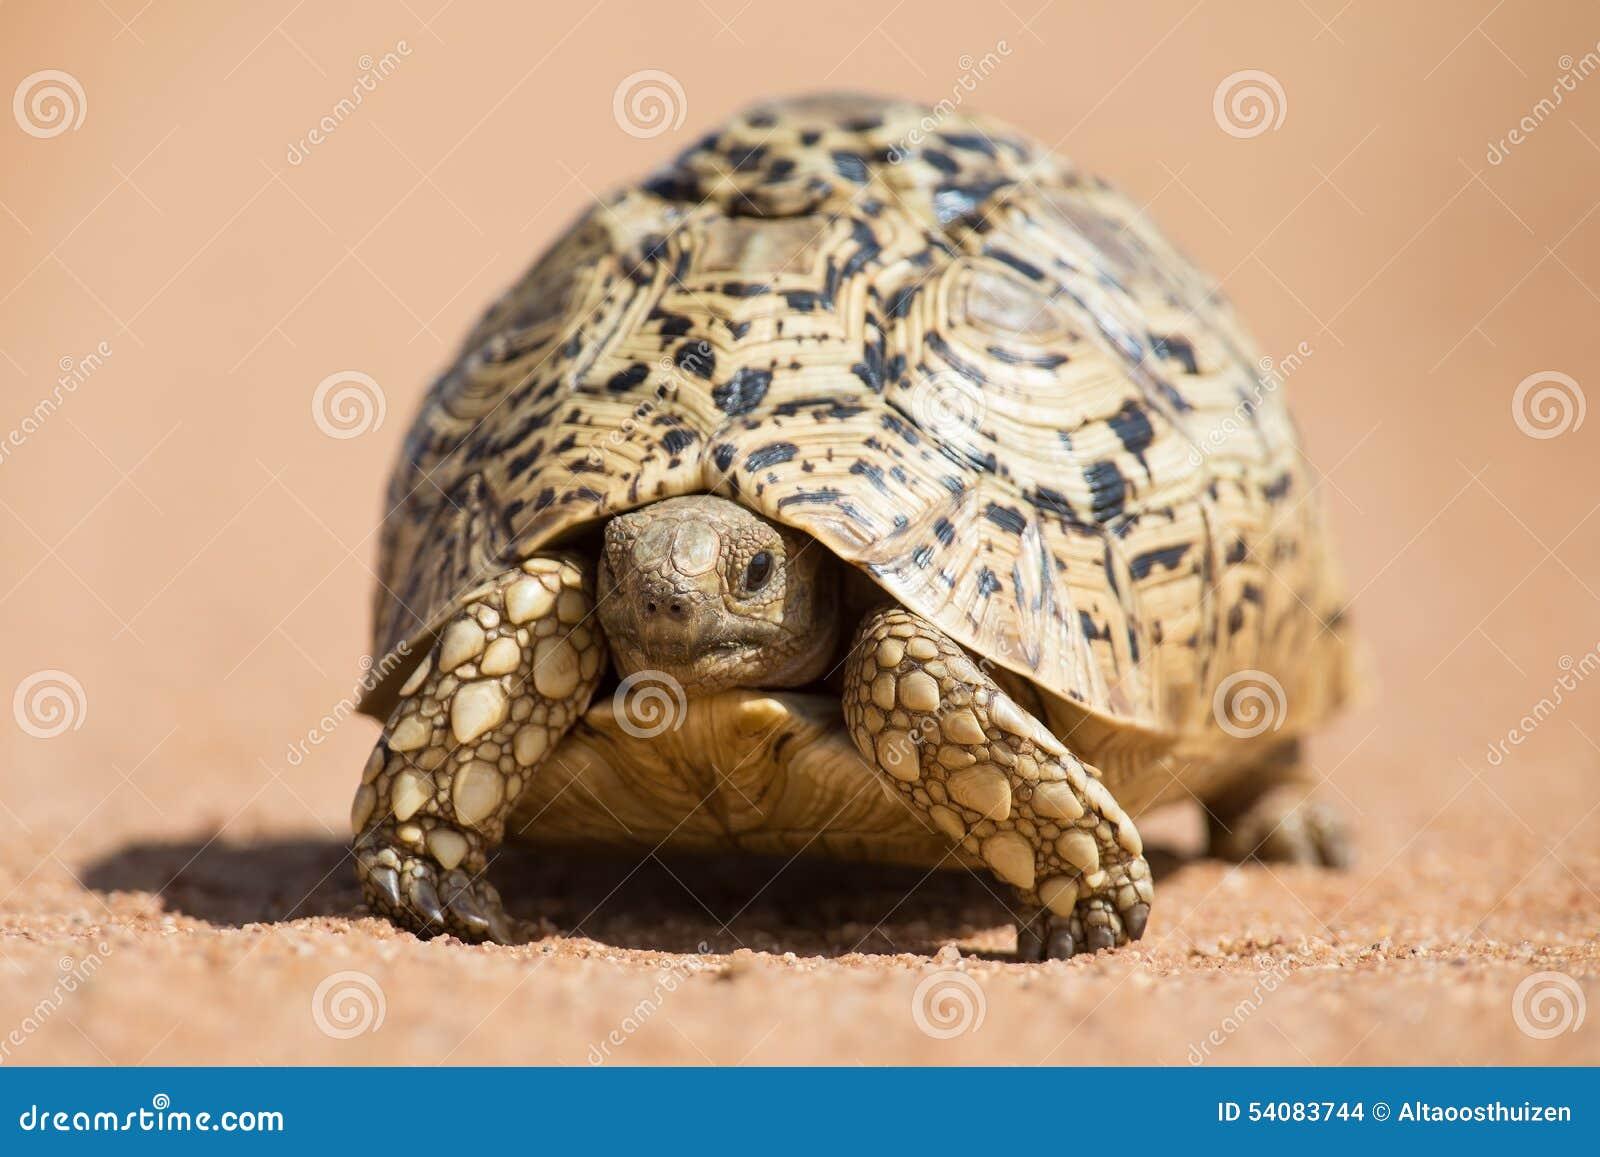 Luipaardschildpad die langzaam op zand met beschermende shell lopen